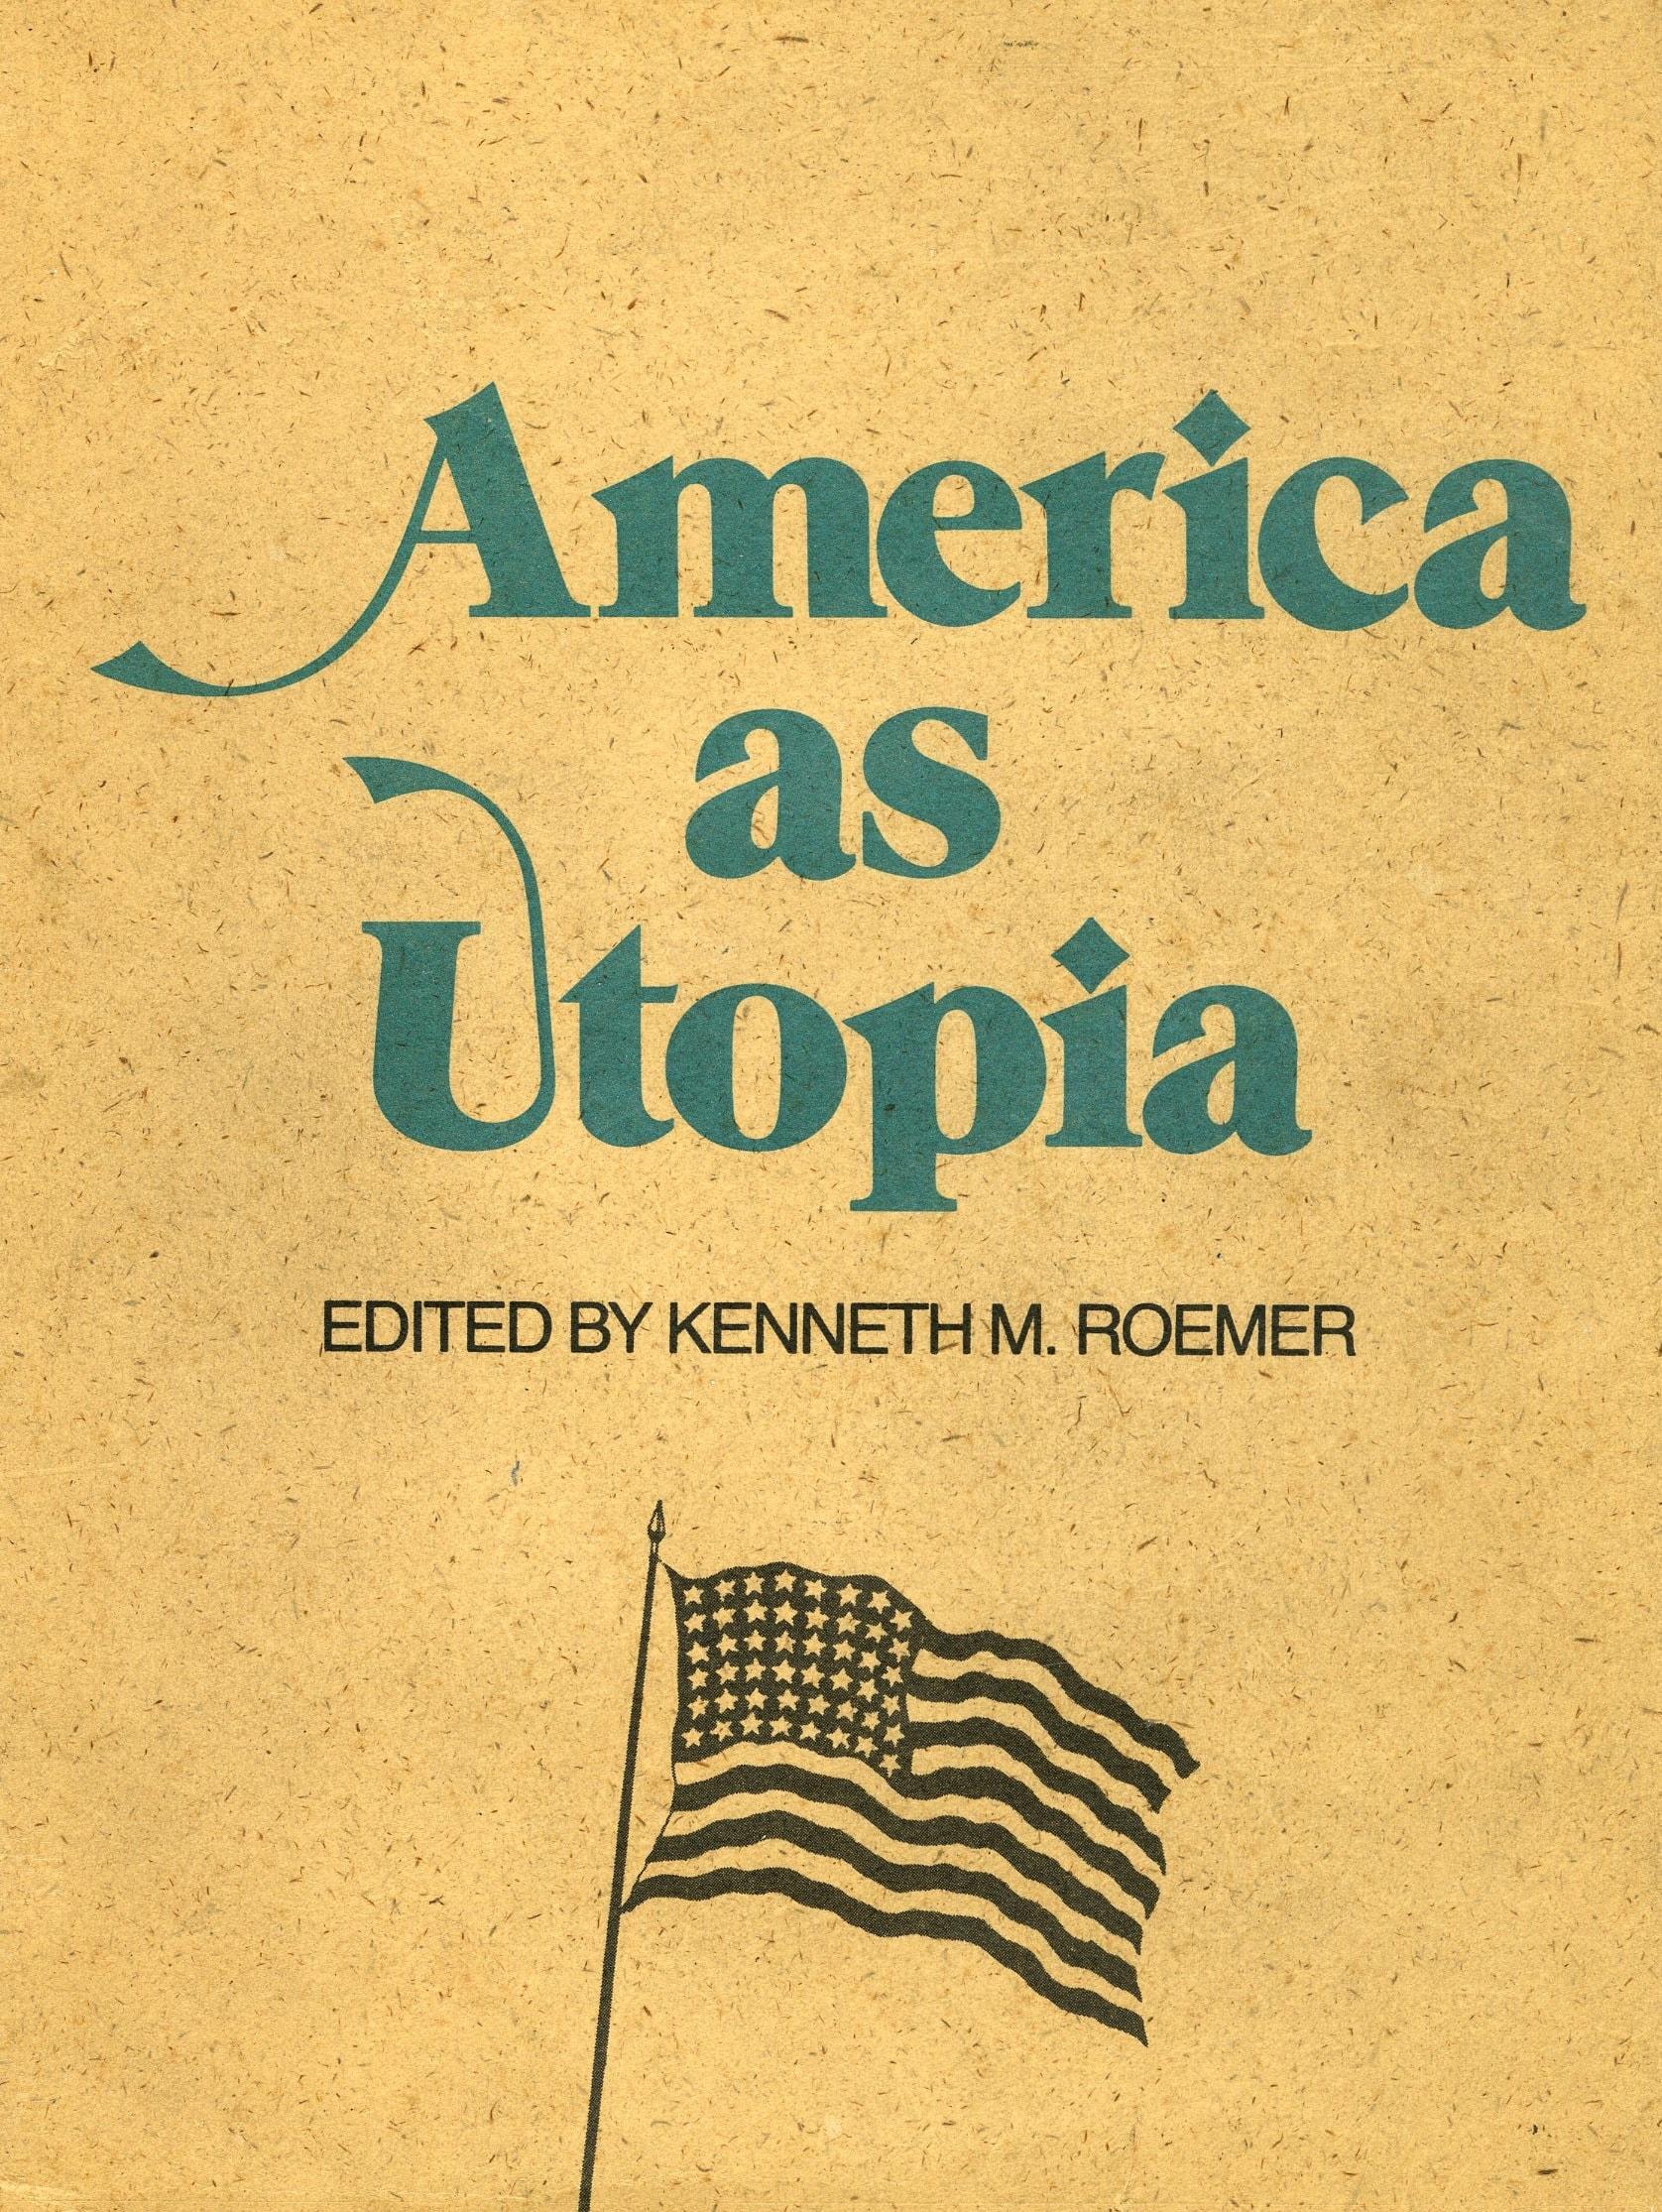 AmericaUtopia_forLibWebsite